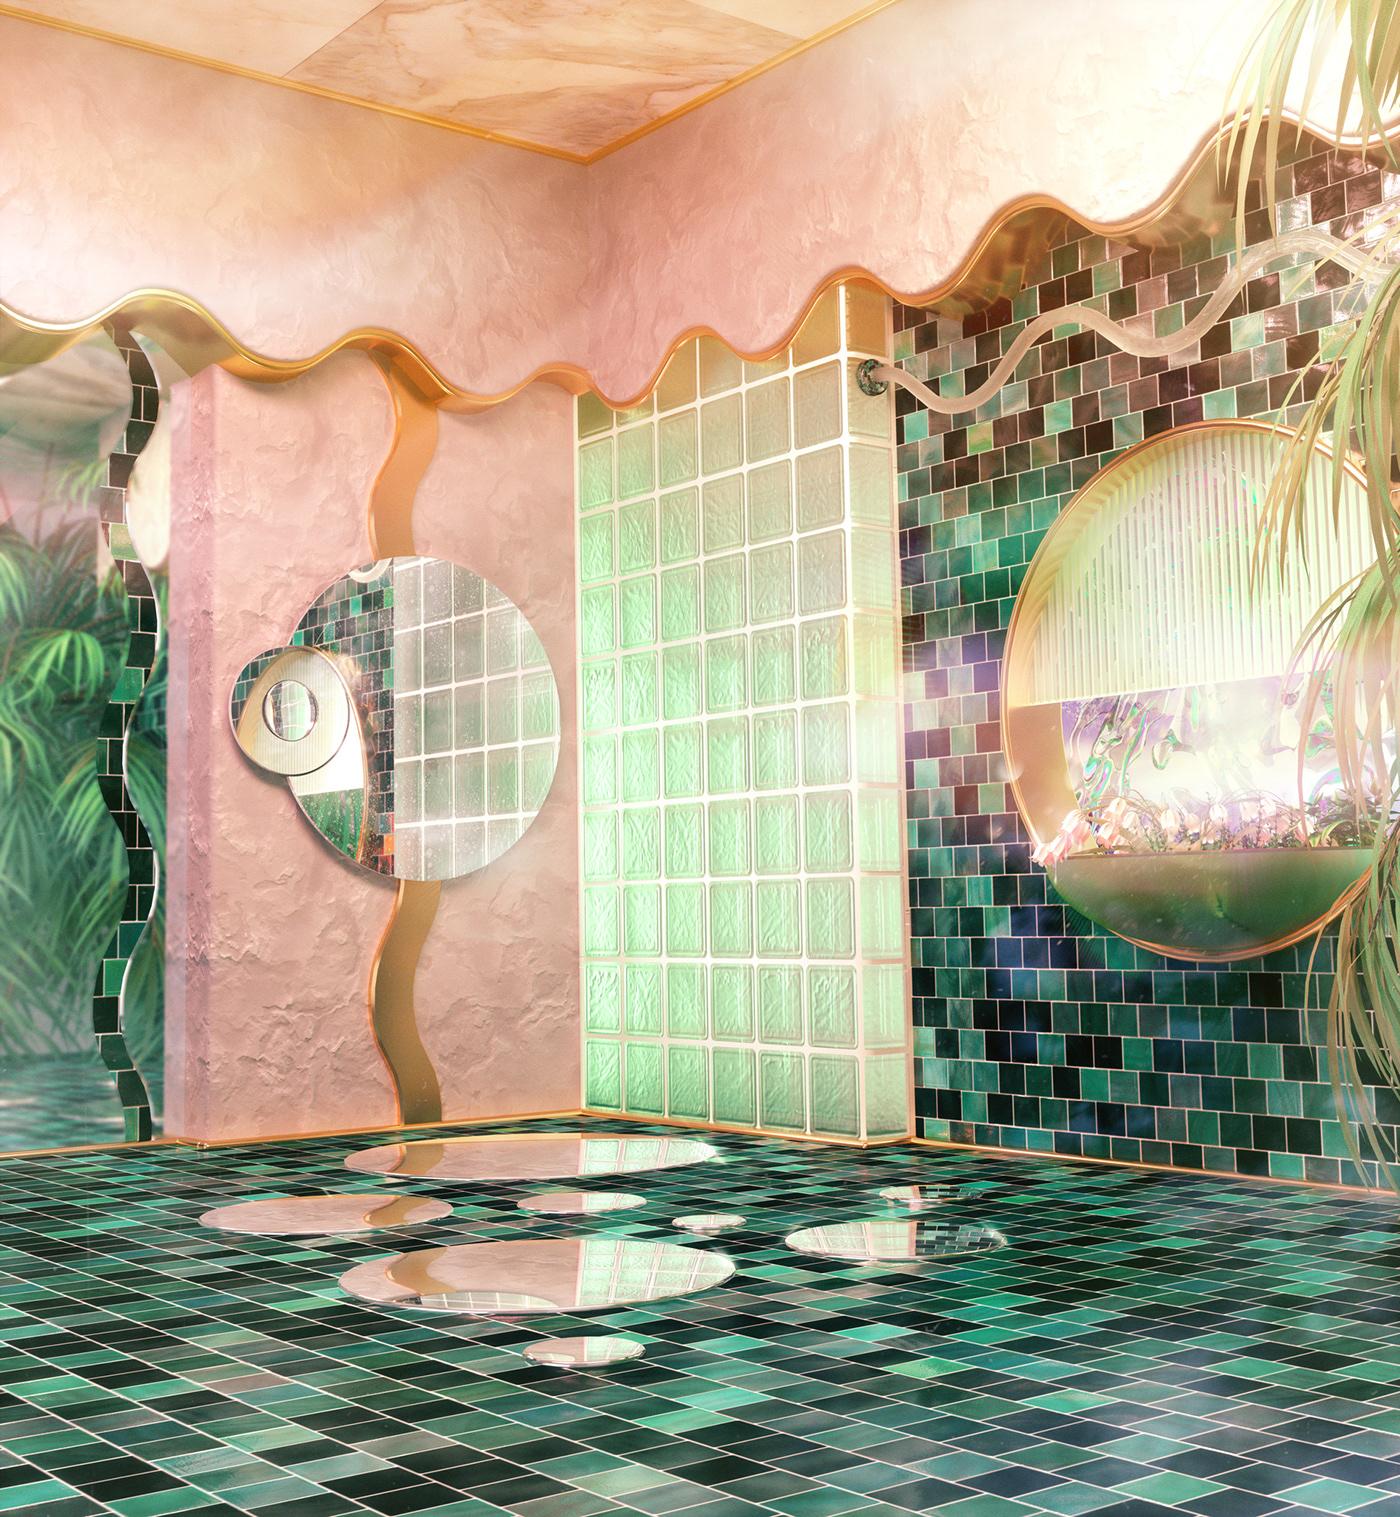 architecture,dreamscape,environment,concept art,surreal,futuristic,retrofuture,whimsical,Interior,3D